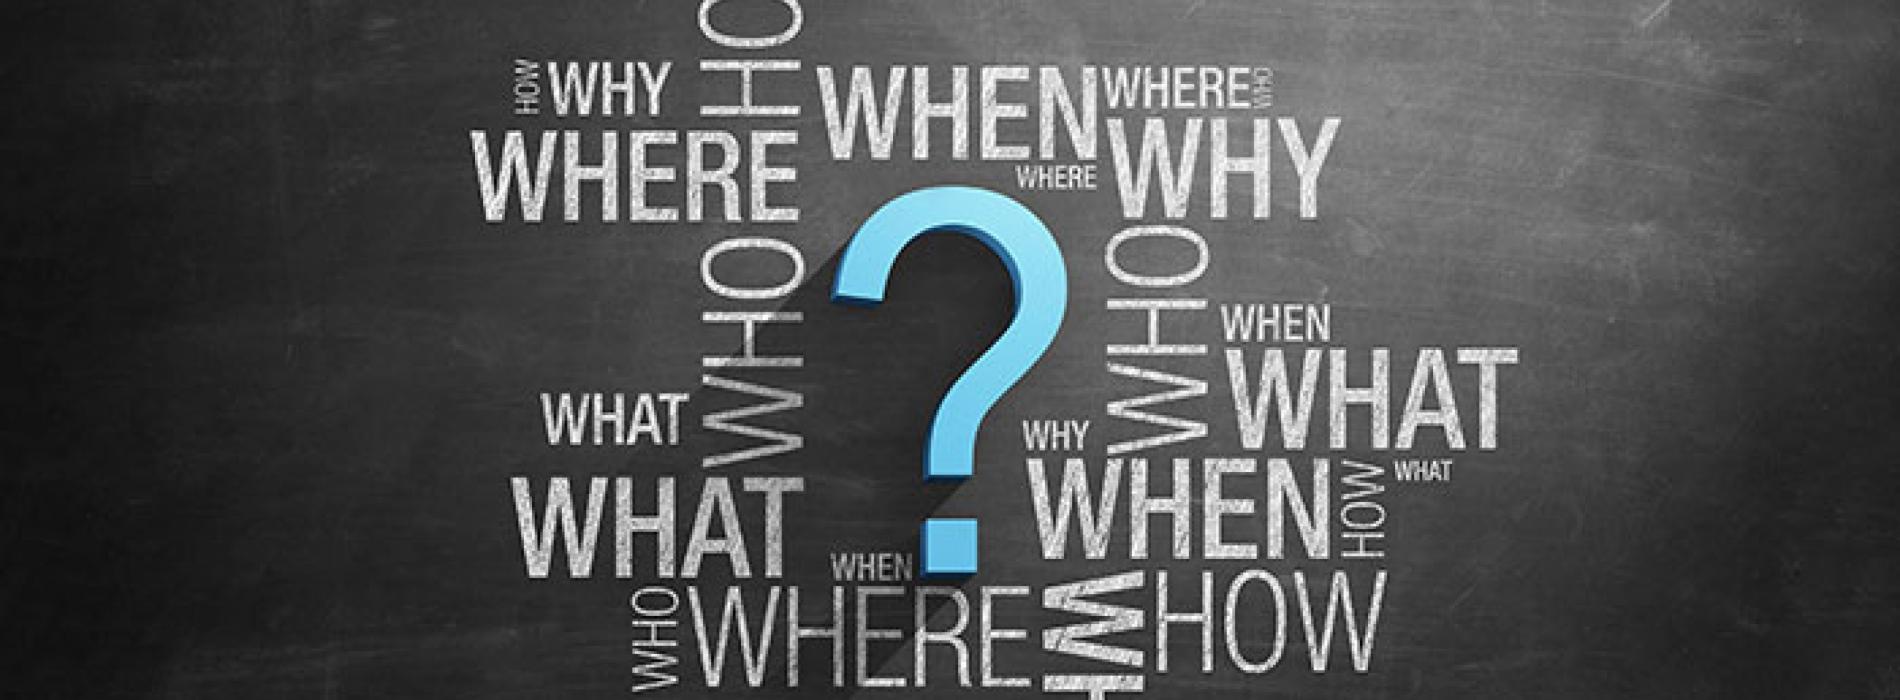 Az előre gyártott kérdéseink elhagyása